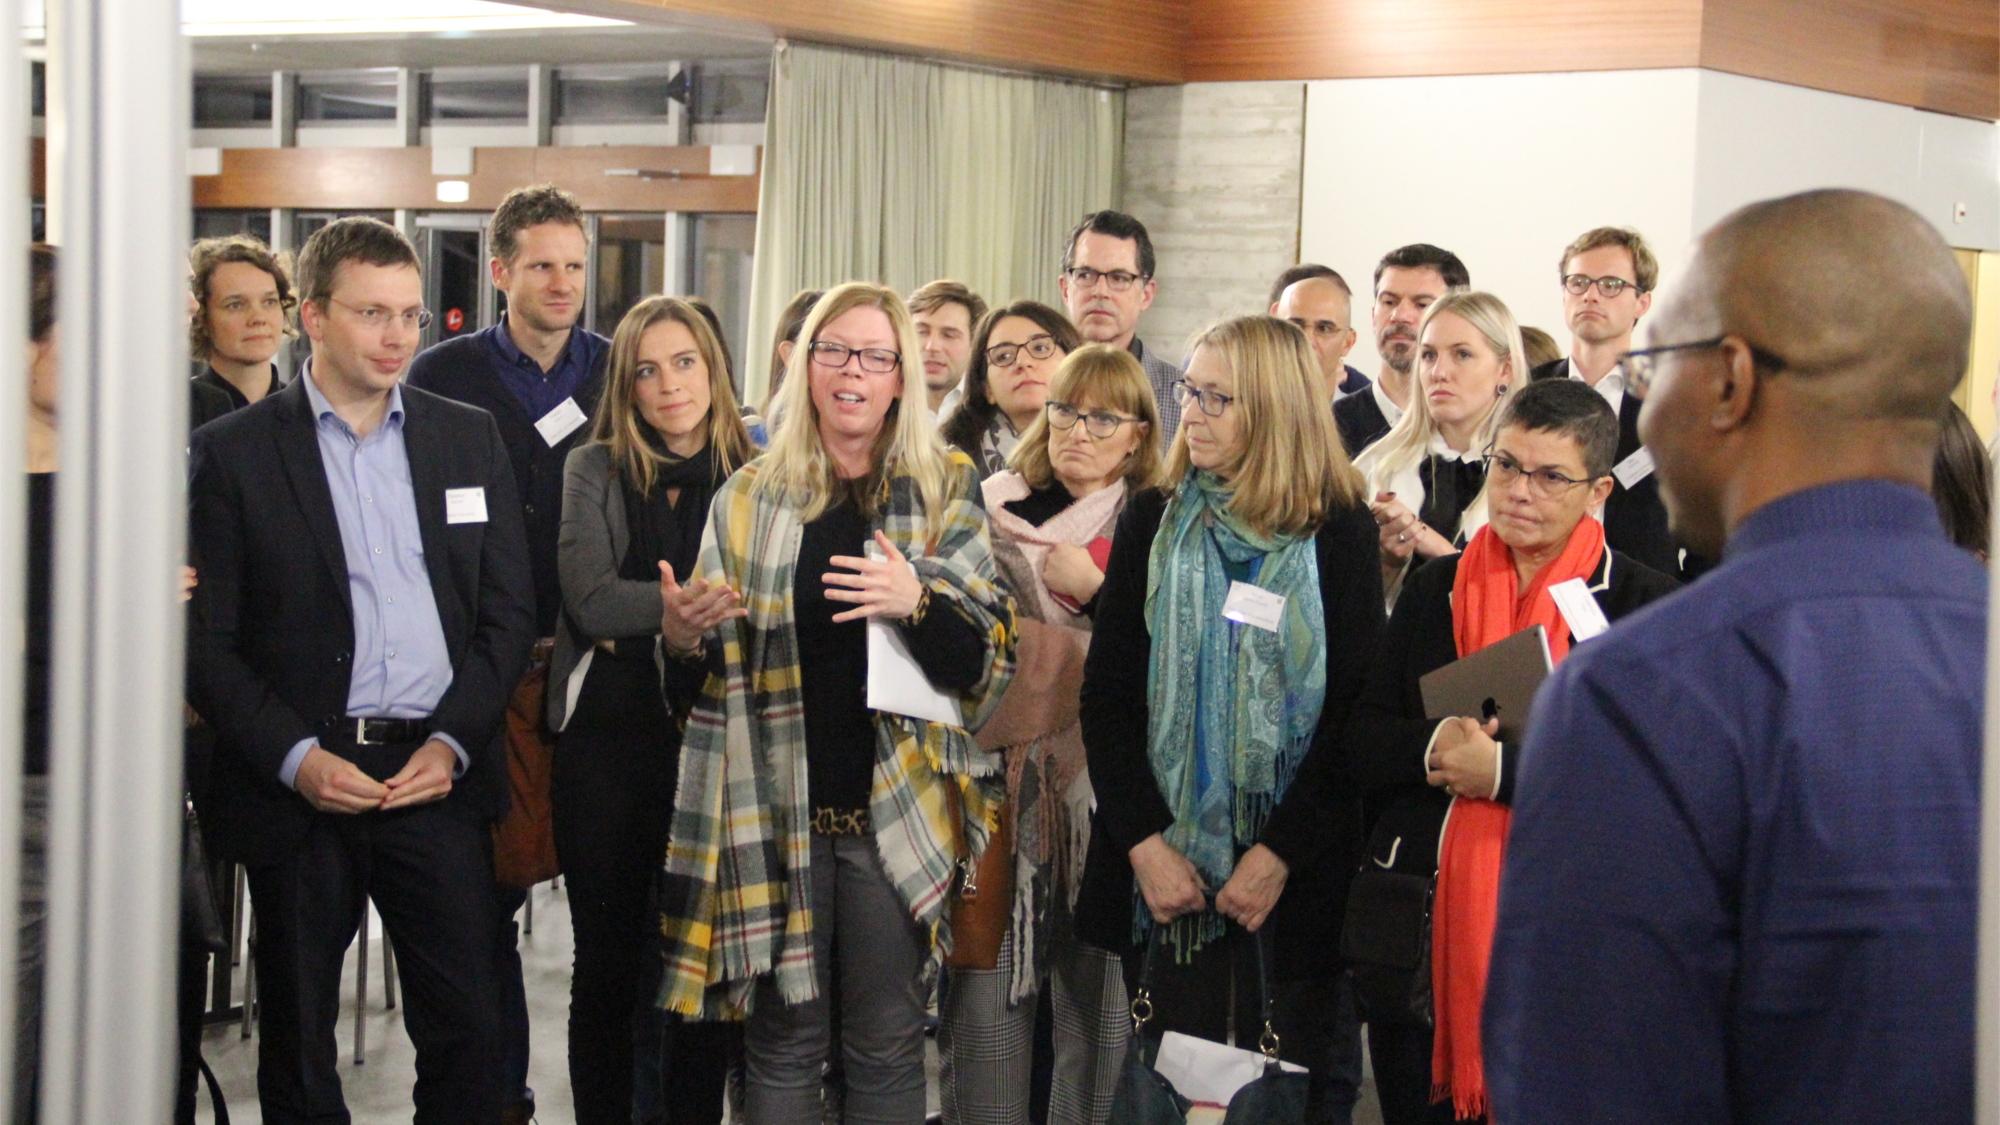 KonferenzteilnehmerInnen bei einer Posterpräsentation